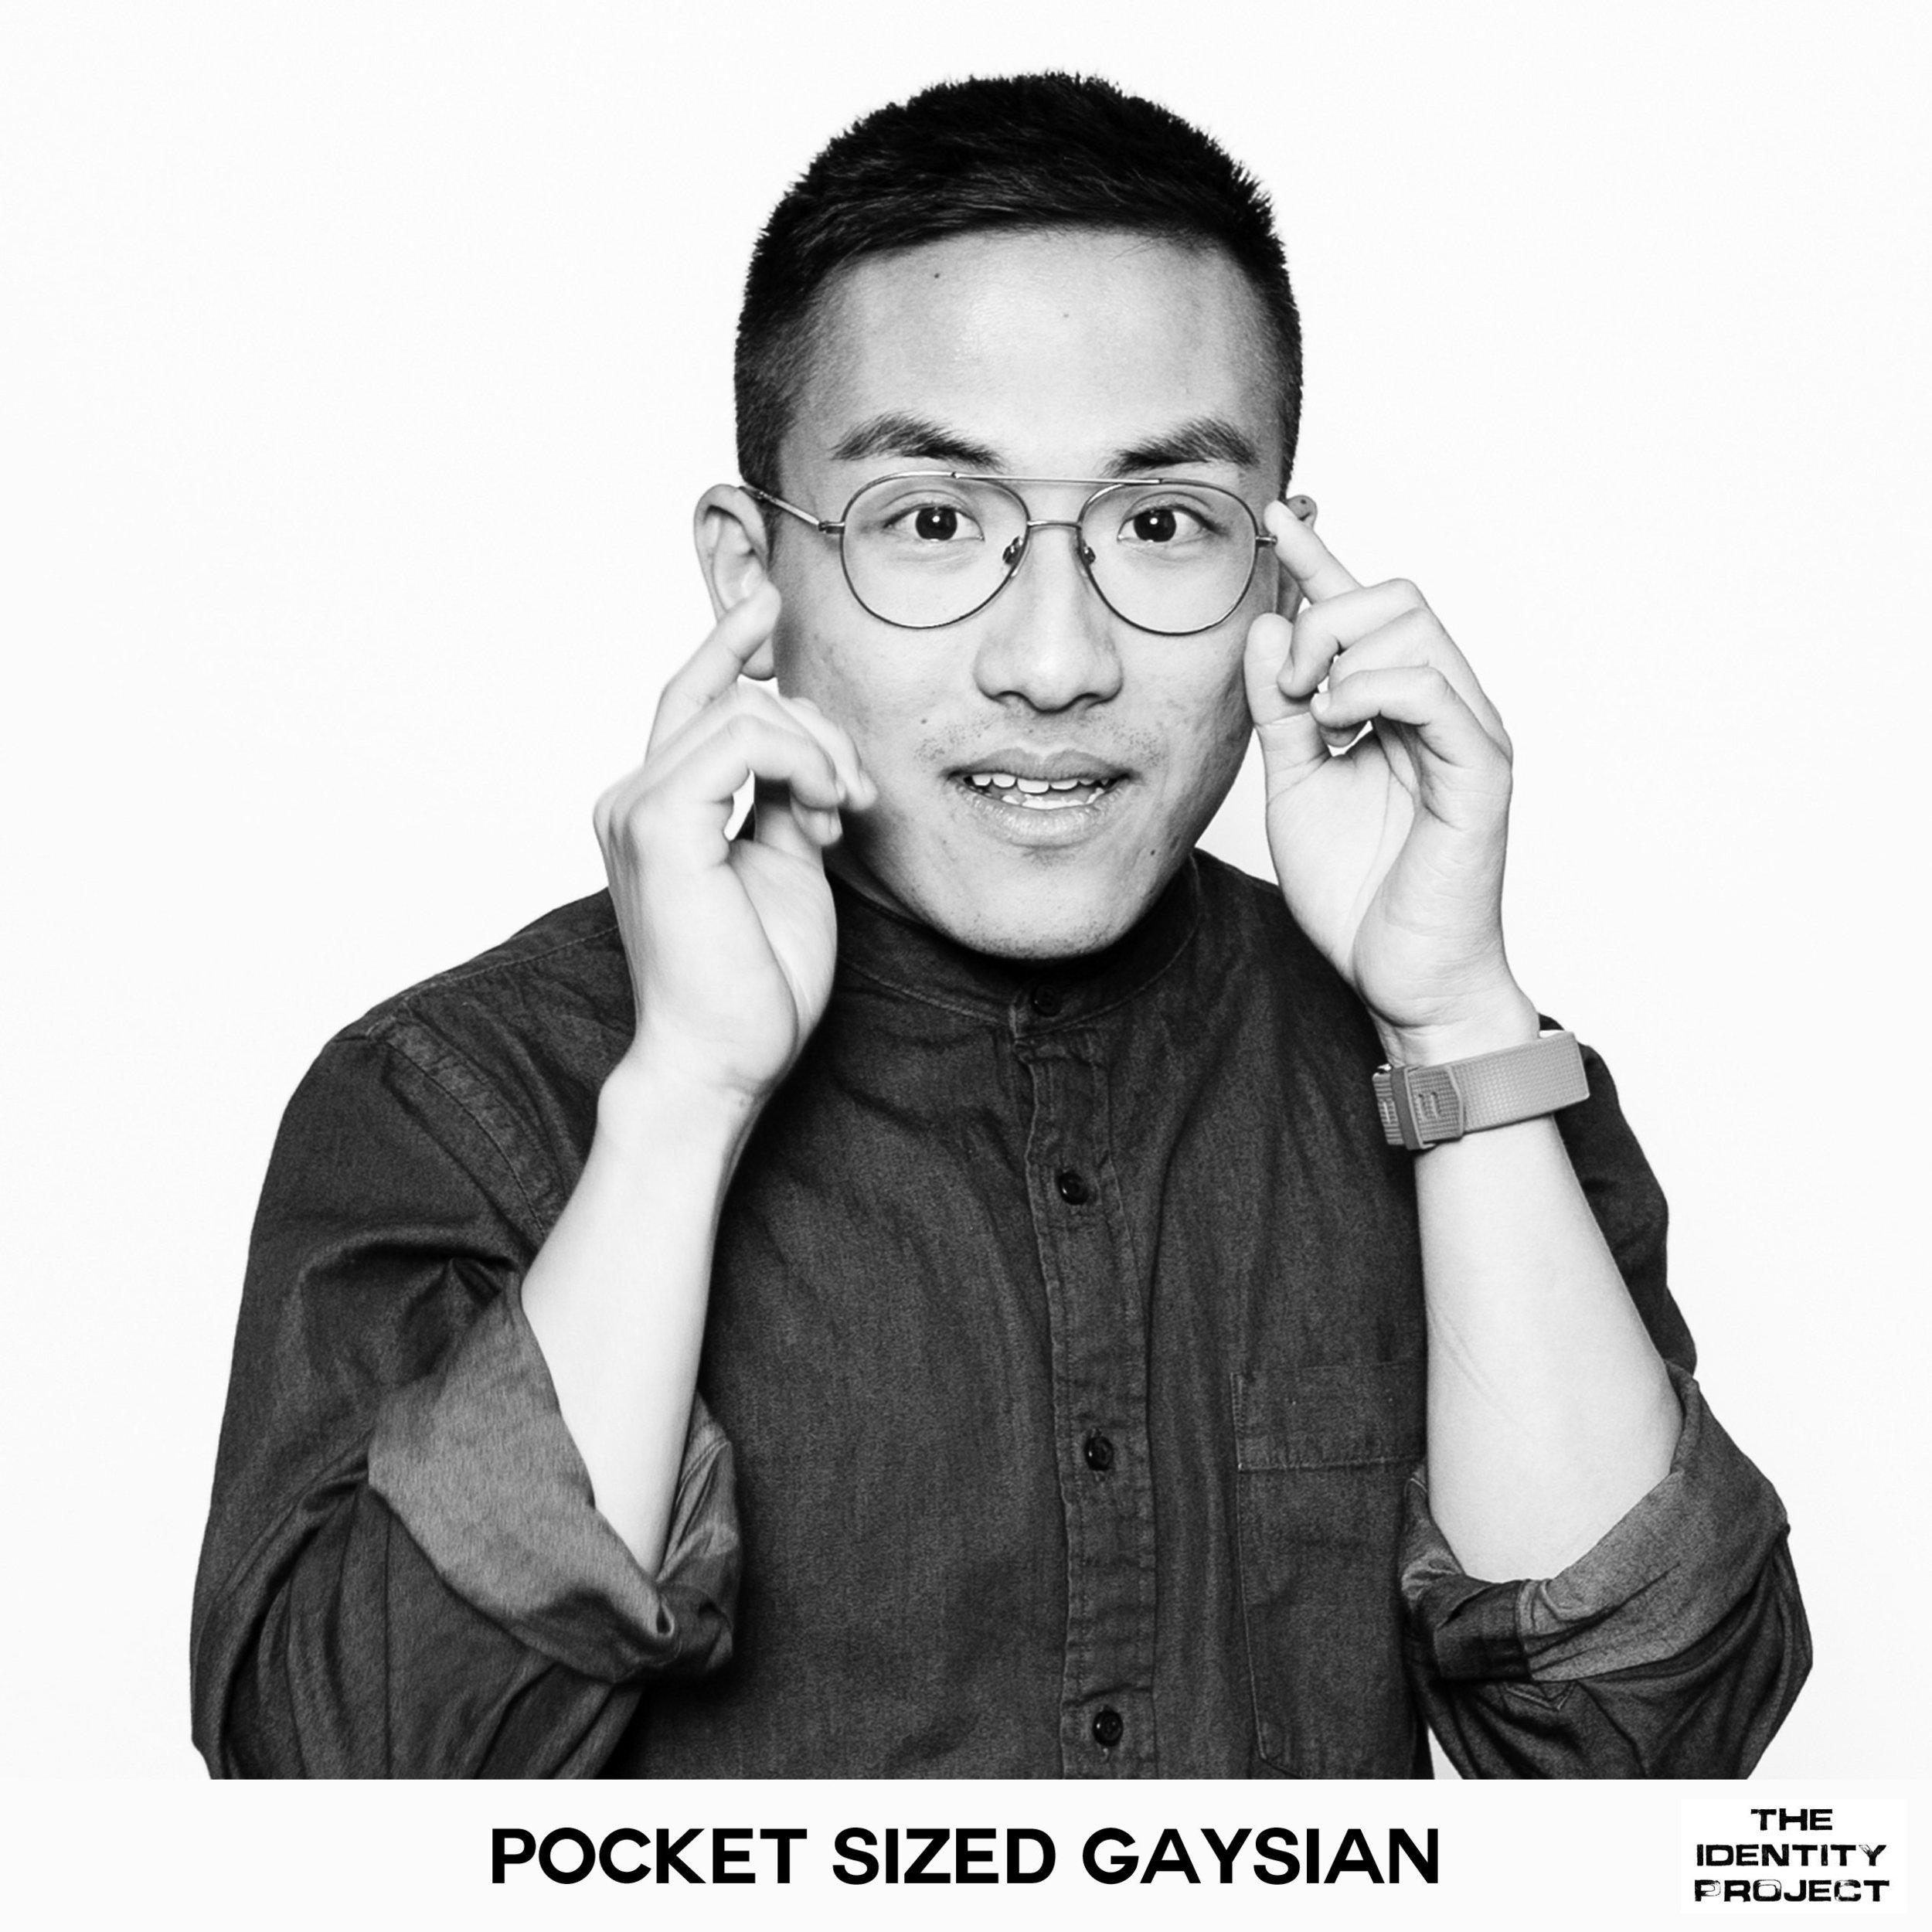 Pocket_Sized_Gaysian_Framed.jpg